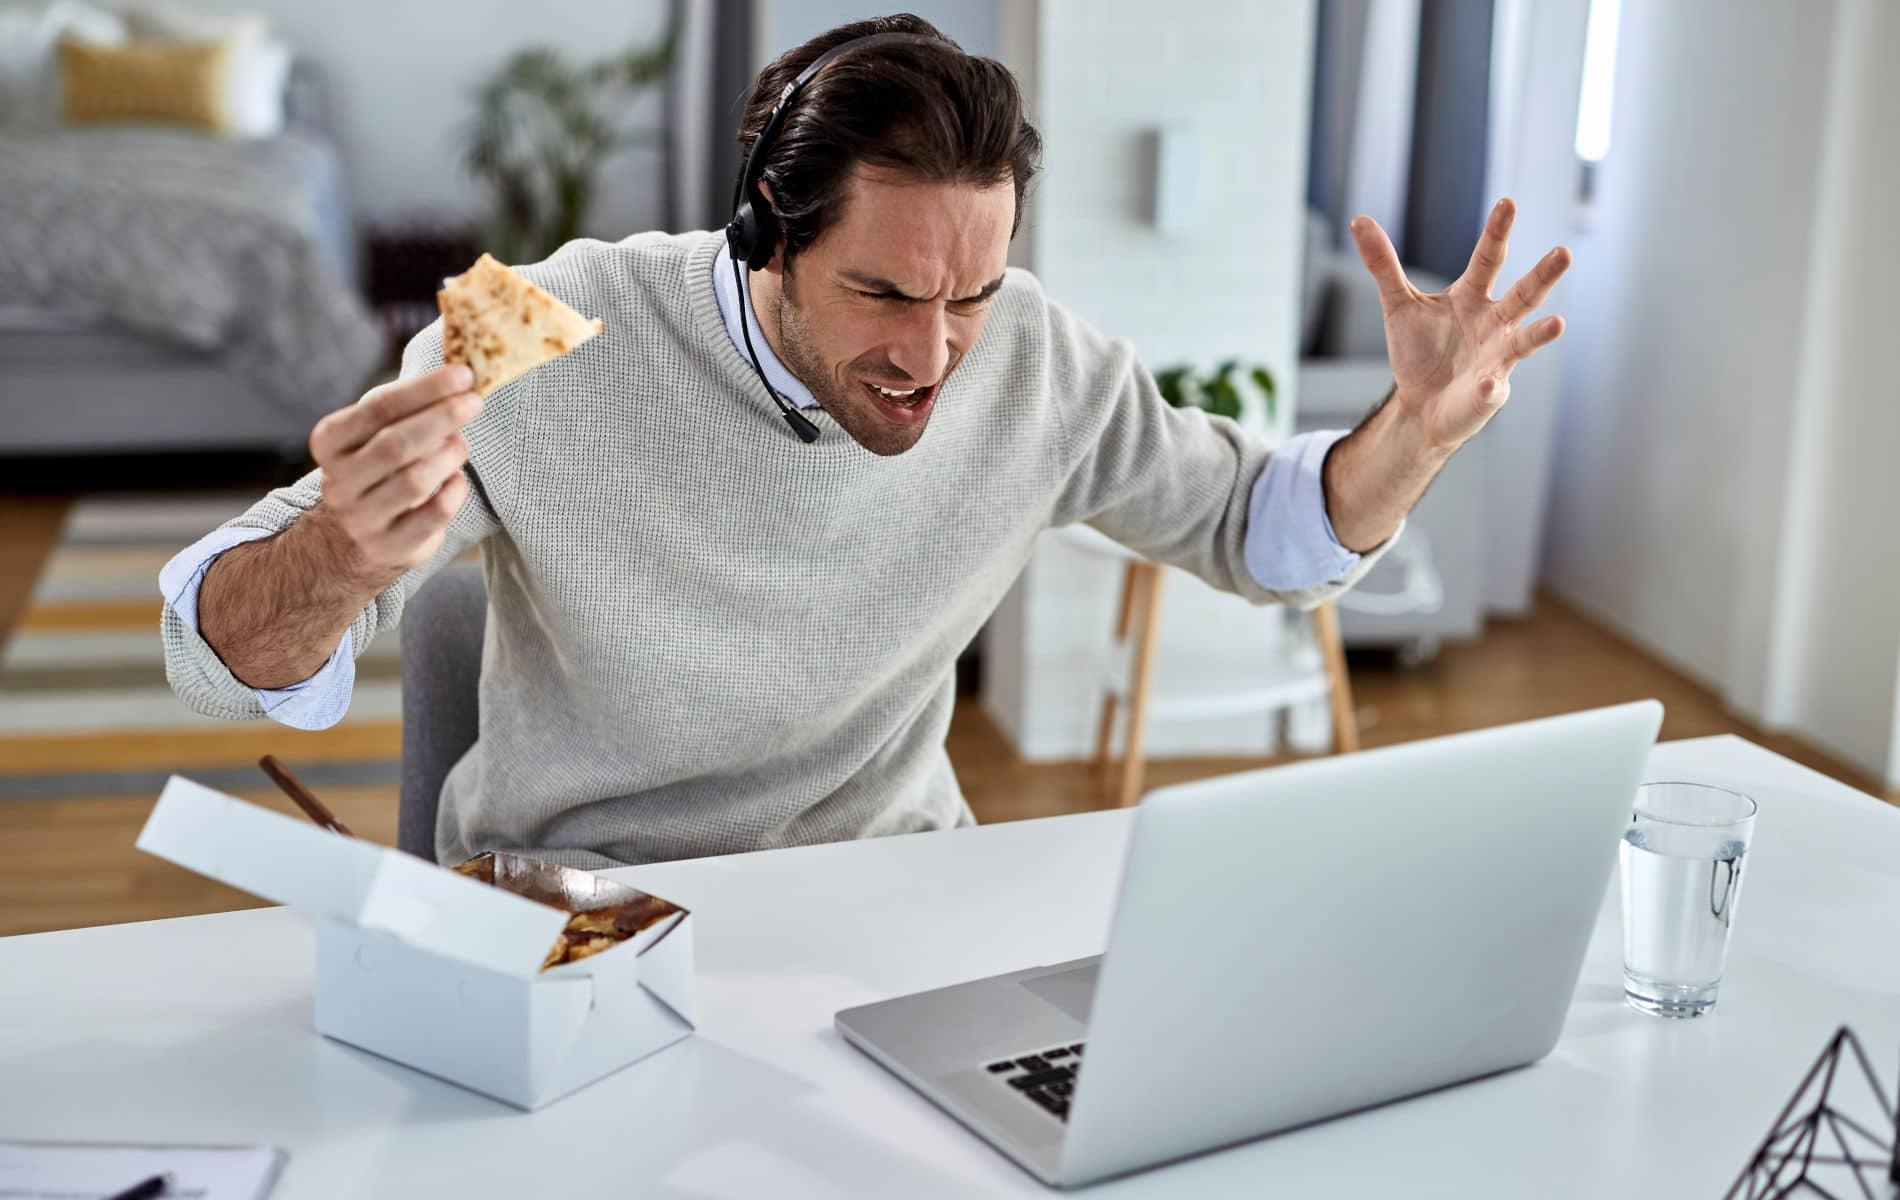 Mann isst im Home-Office gestresst seine Pizza